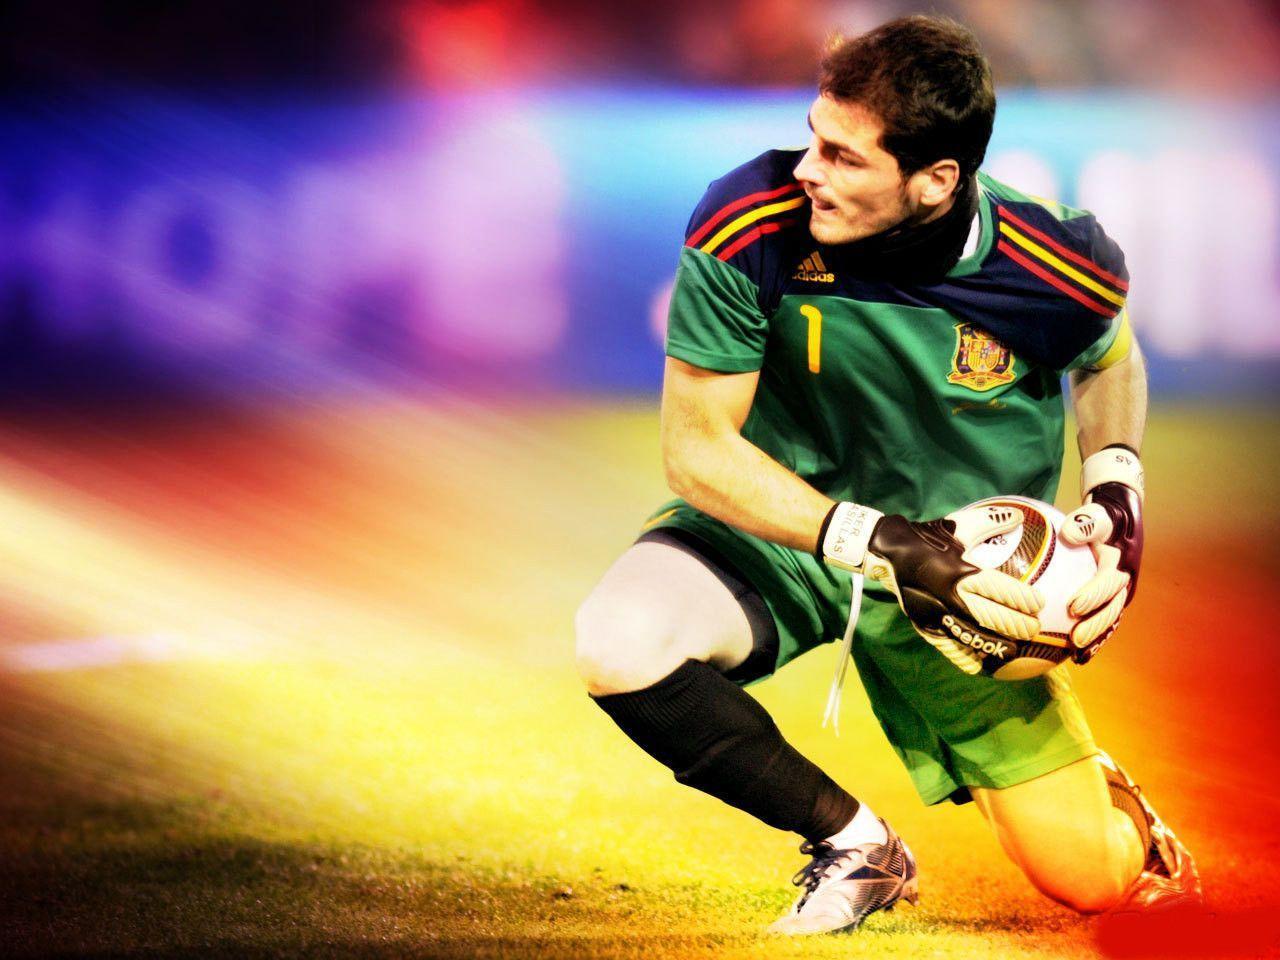 Iker Casillas Latest Hd Wallpapers 2013